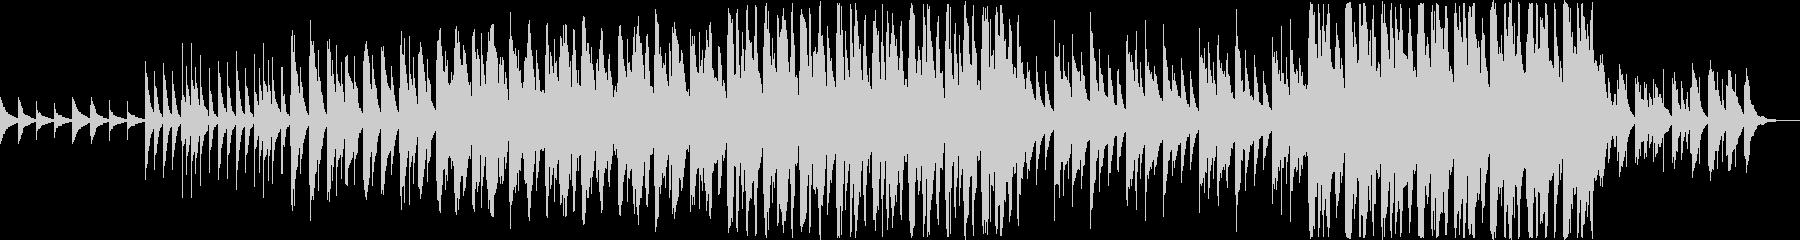 クリスマス オーケストラ ピアノ ...の未再生の波形